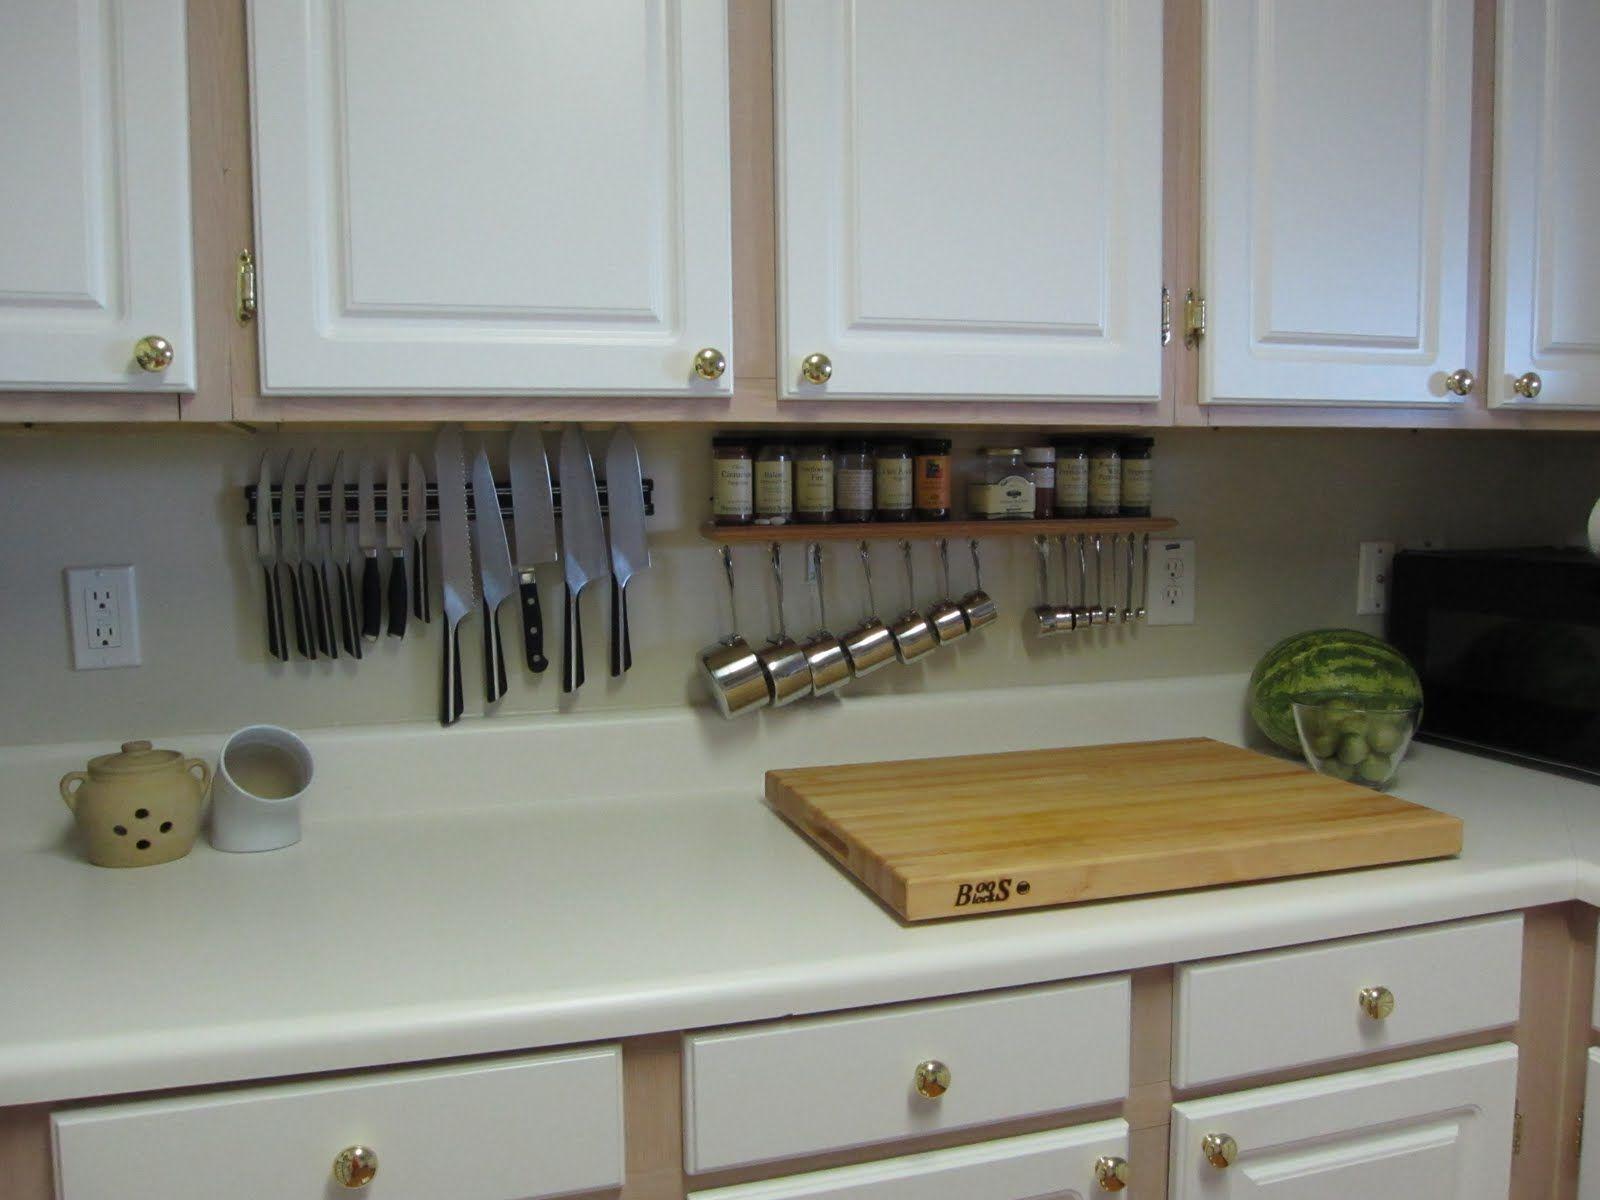 Best Storage Solutions Mini P*T Rack Small Kitchen Storage 400 x 300